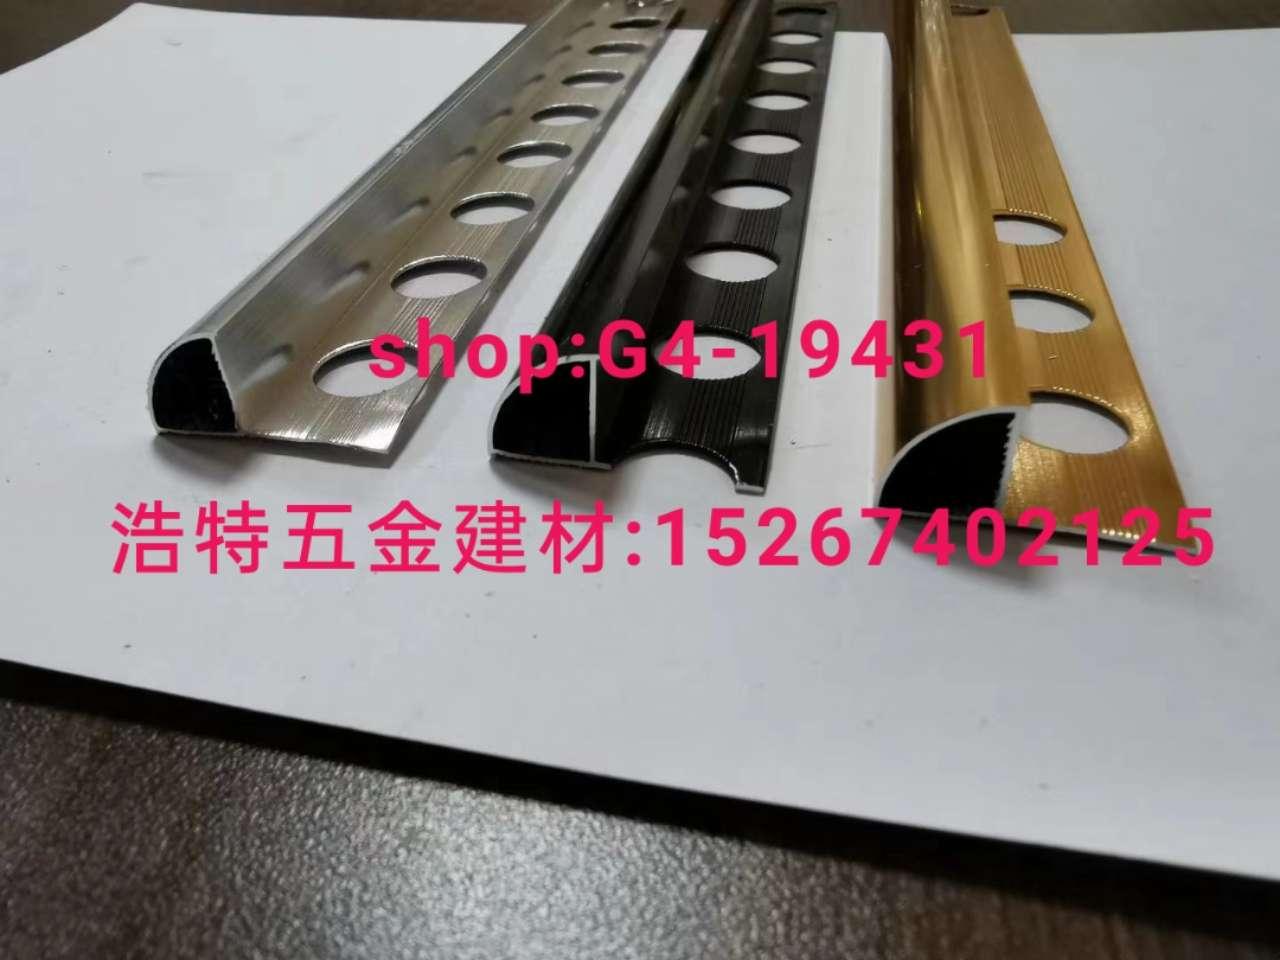 护角条阳角条补缝条 修边条分割条直角条卡槽开口条护角网踢脚线铝条轻钢龙骨